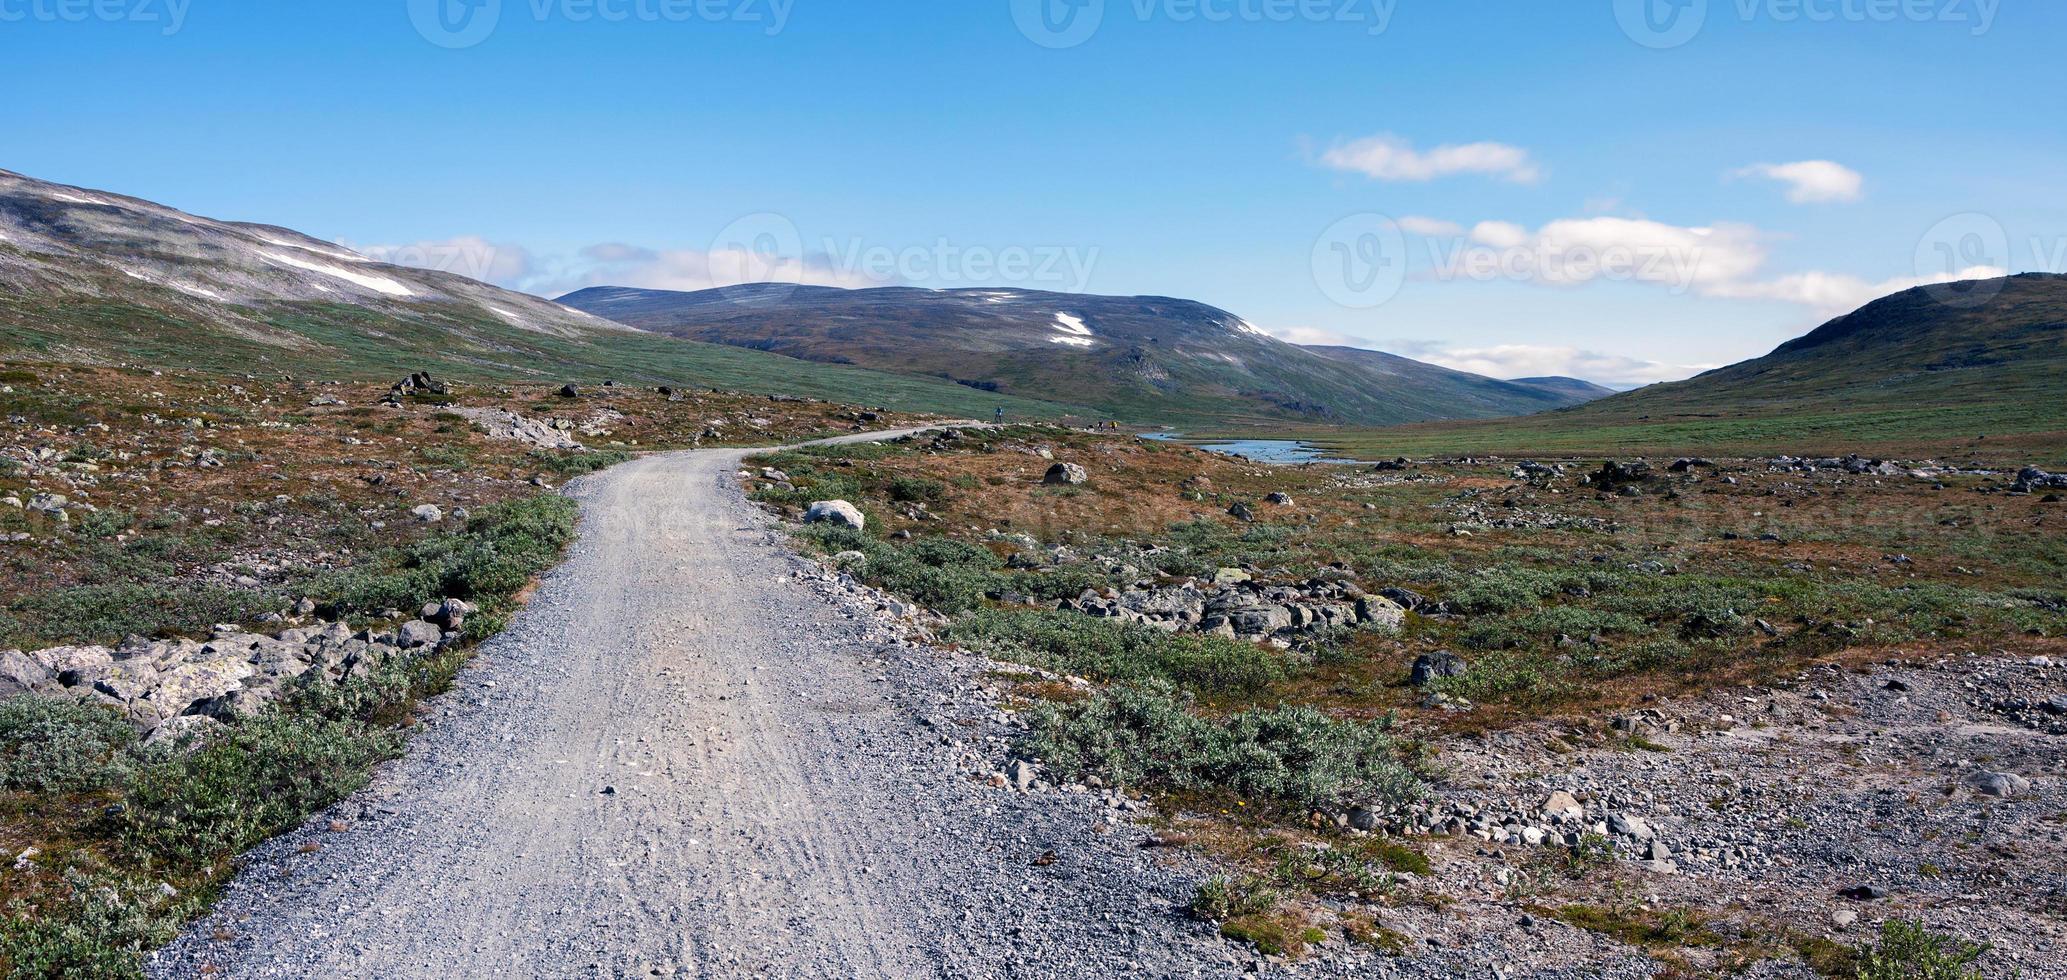 estrada de terra entre a cabana de montanha de glitterheim e o estacionamento foto